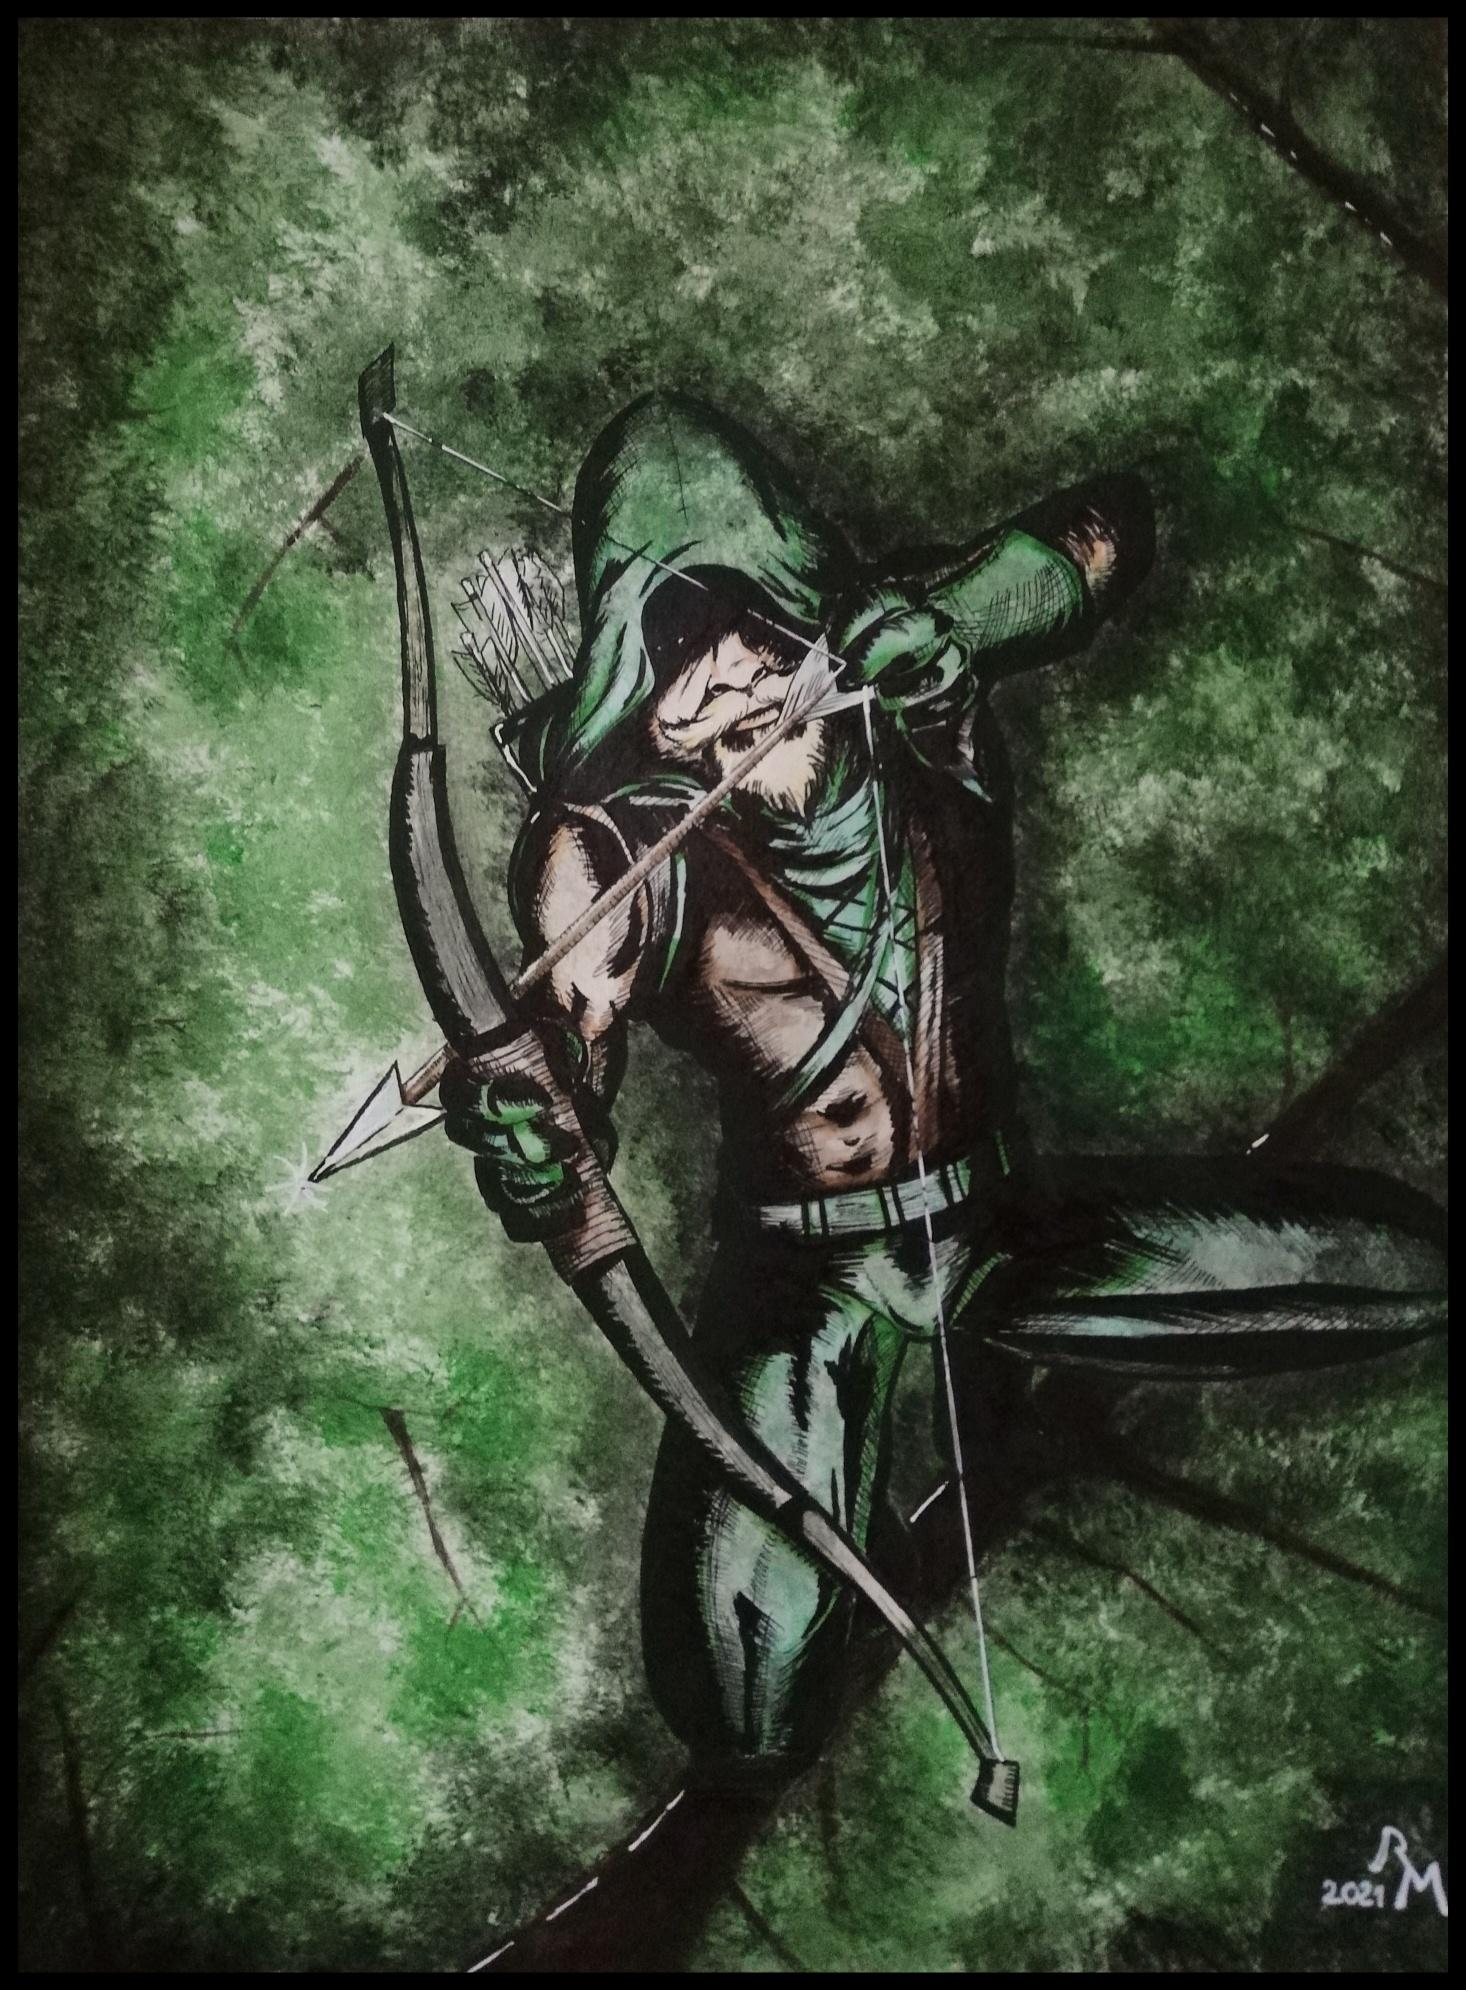 Robin Hood/Green Arrow